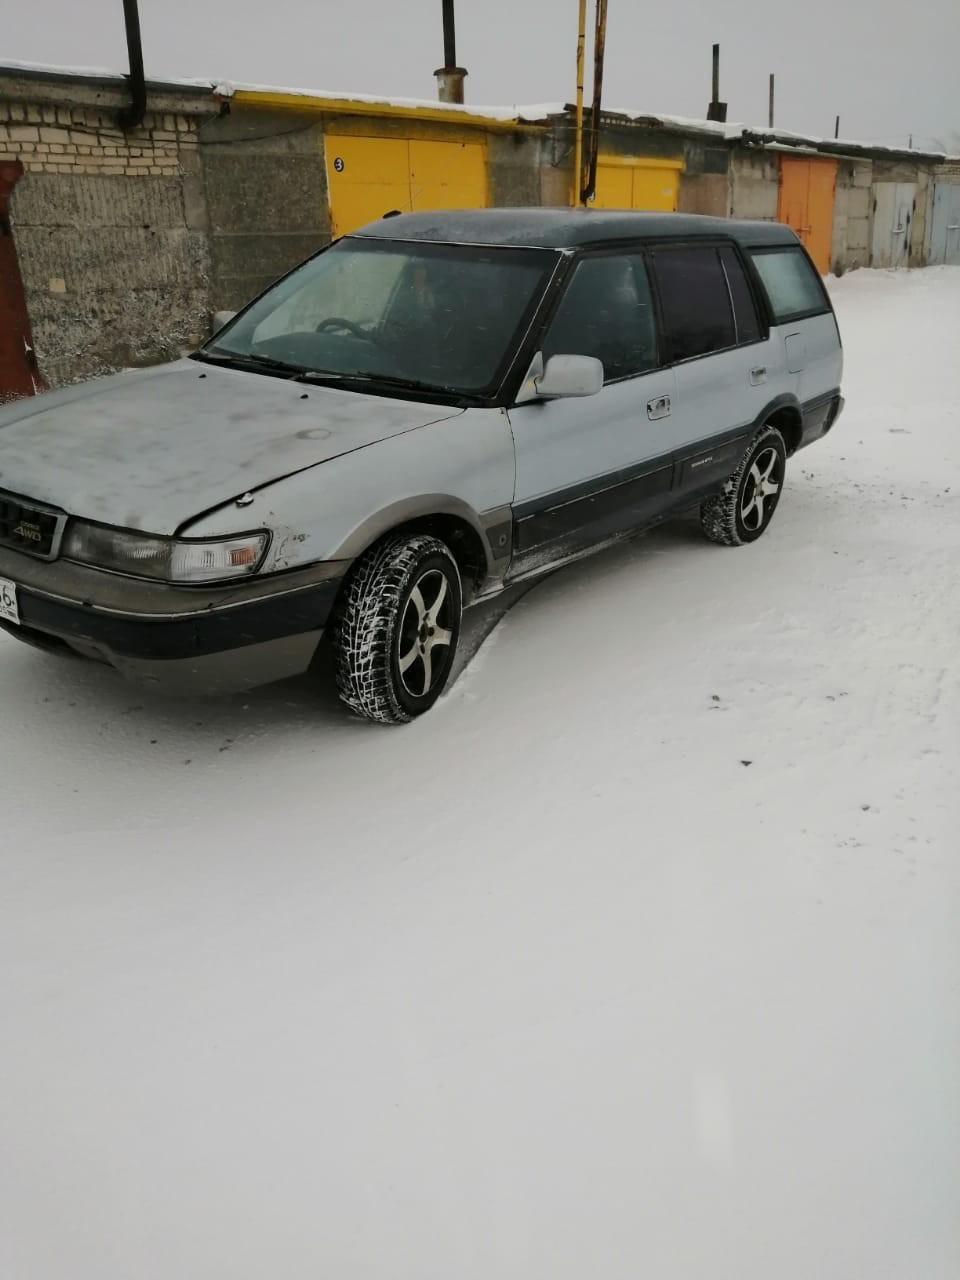 Купить Toyota sprinter carib 4wd  Год выпуска 1992г.в    Объявления Орска и Новотроицка №282